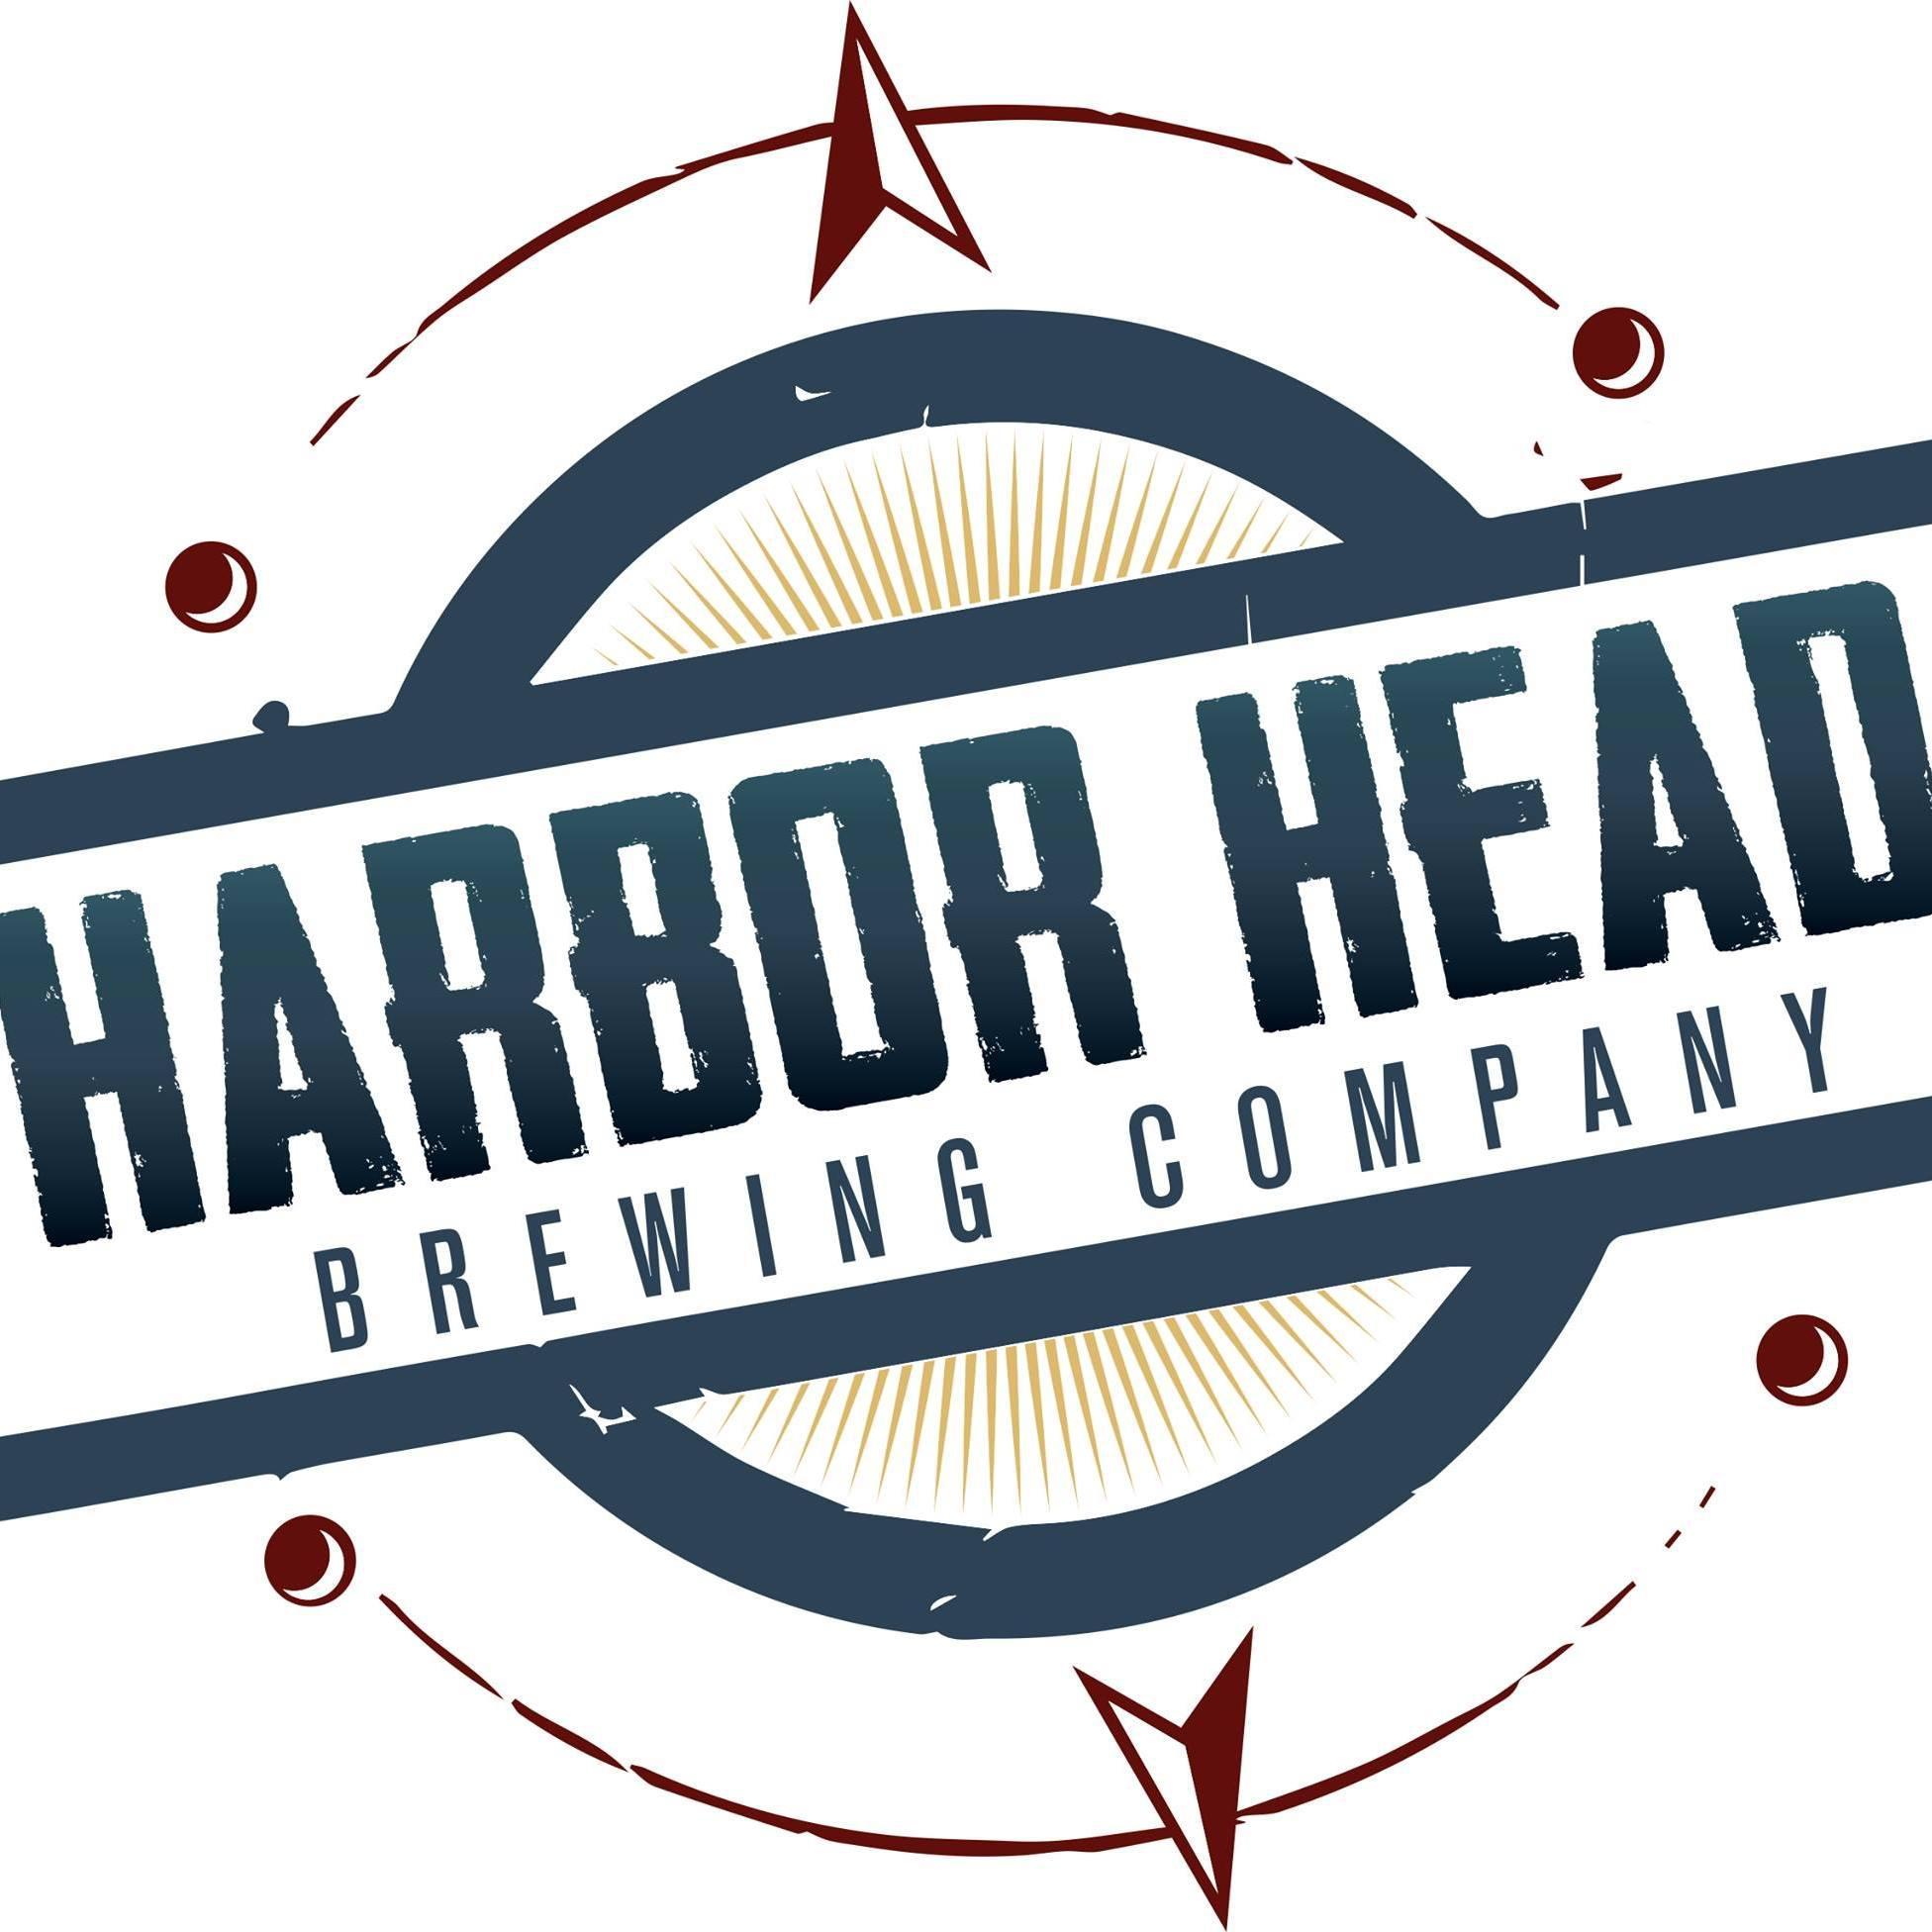 Harbor Head Brewing Company